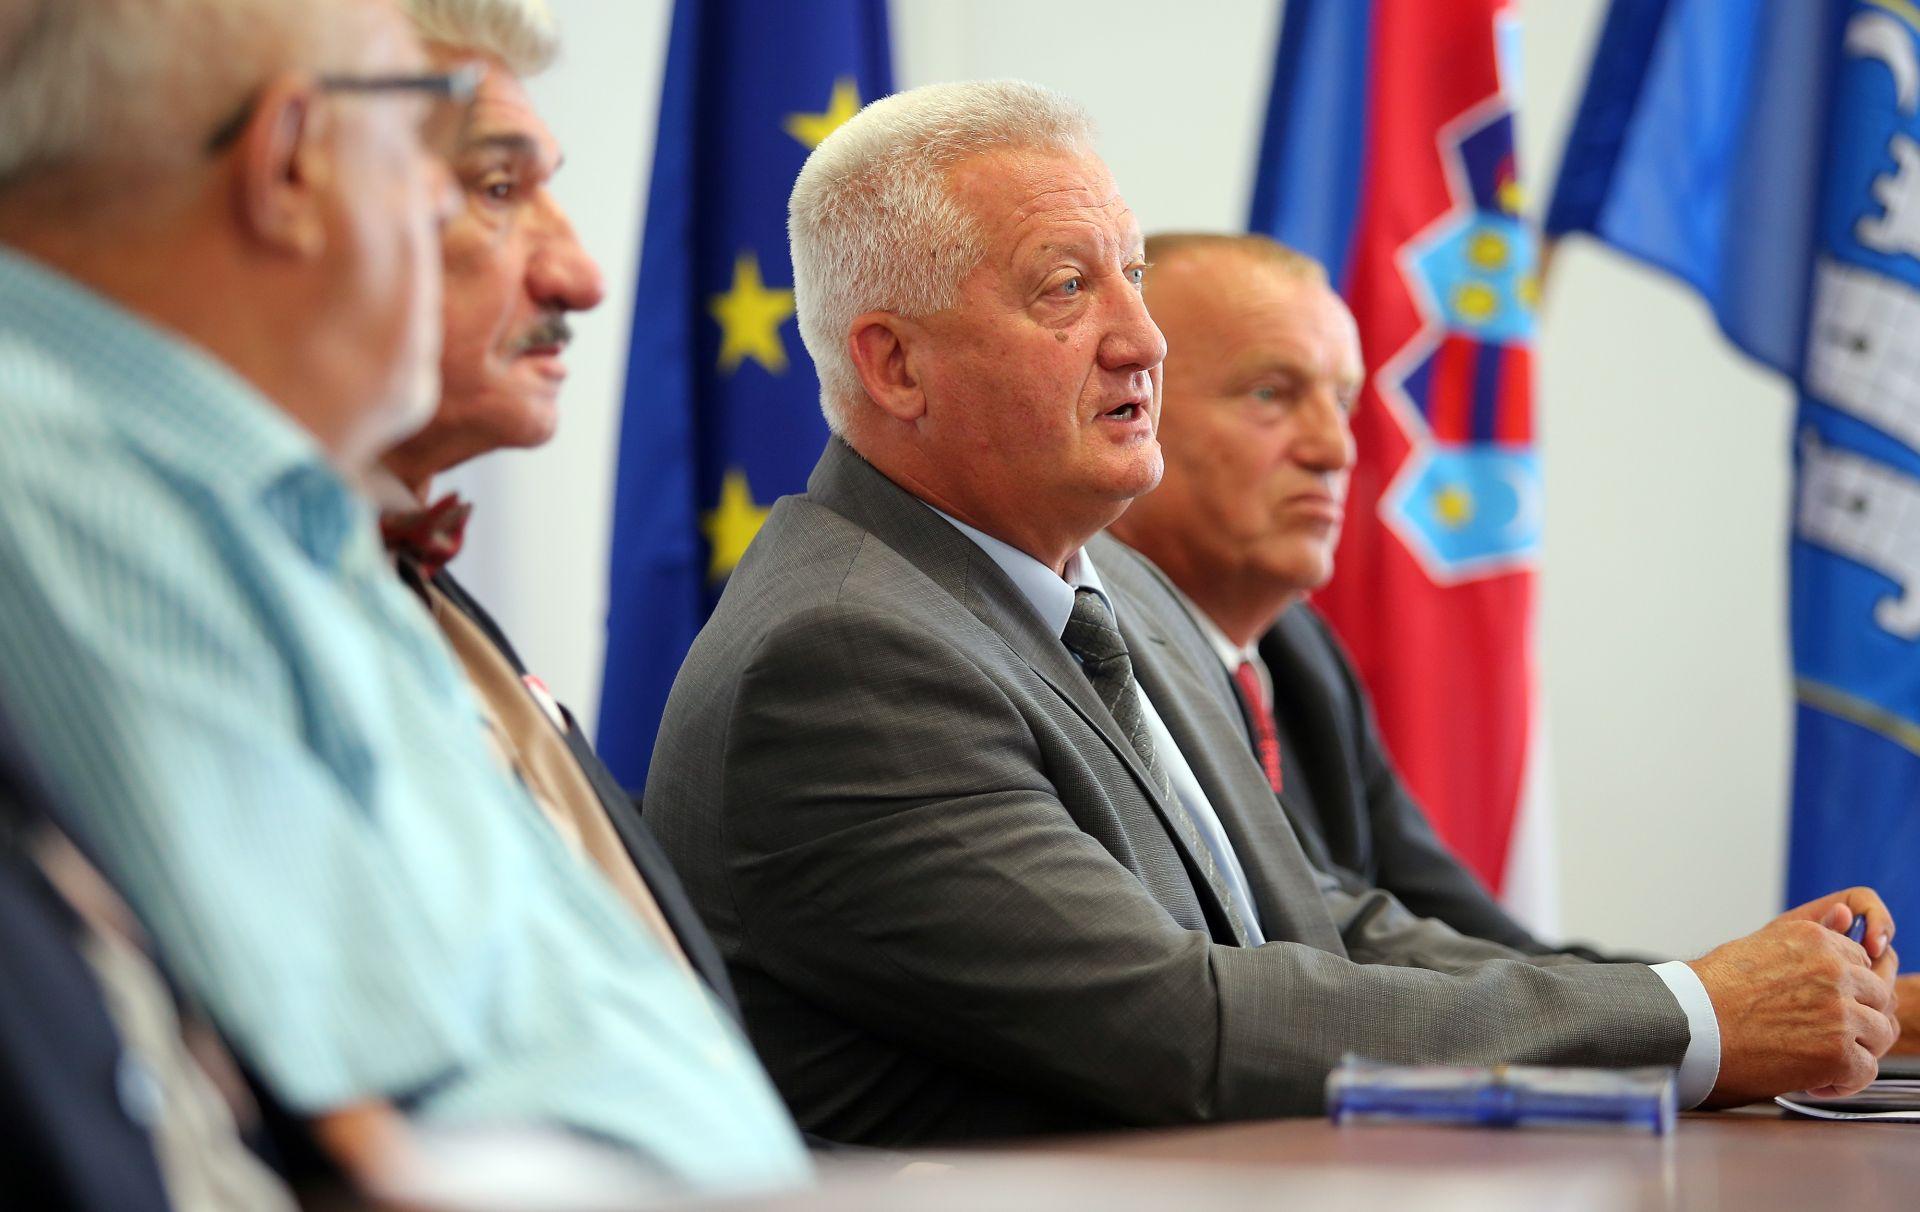 HRVATSKI GENERALSKI ZBOR: Osam prijedloga za pomoć časnicima HVO-a i Hrvatima u BiH